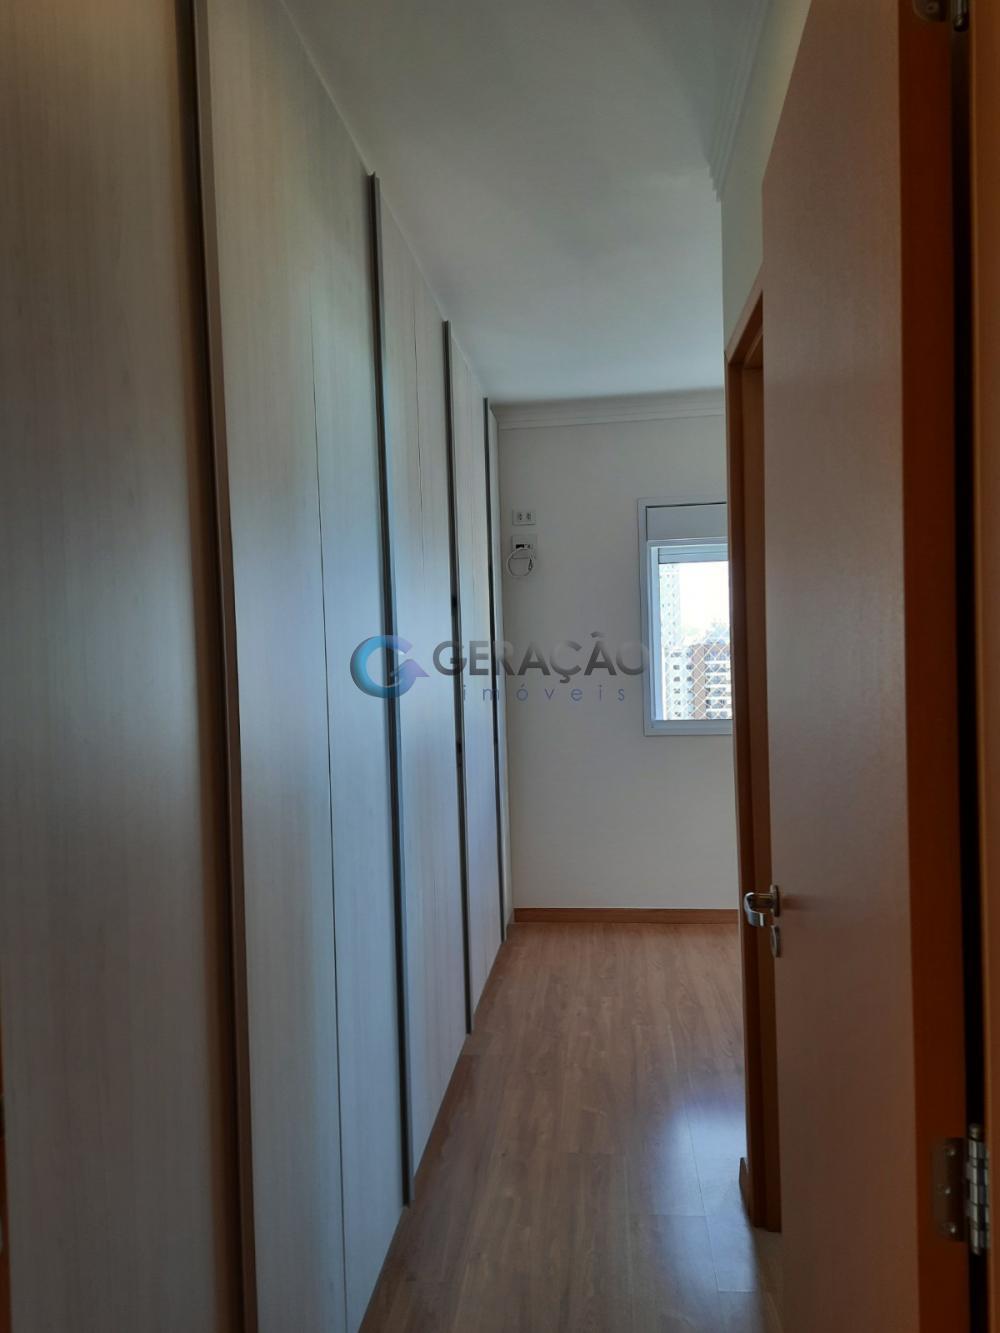 Alugar Apartamento / Padrão em São José dos Campos apenas R$ 2.600,00 - Foto 13